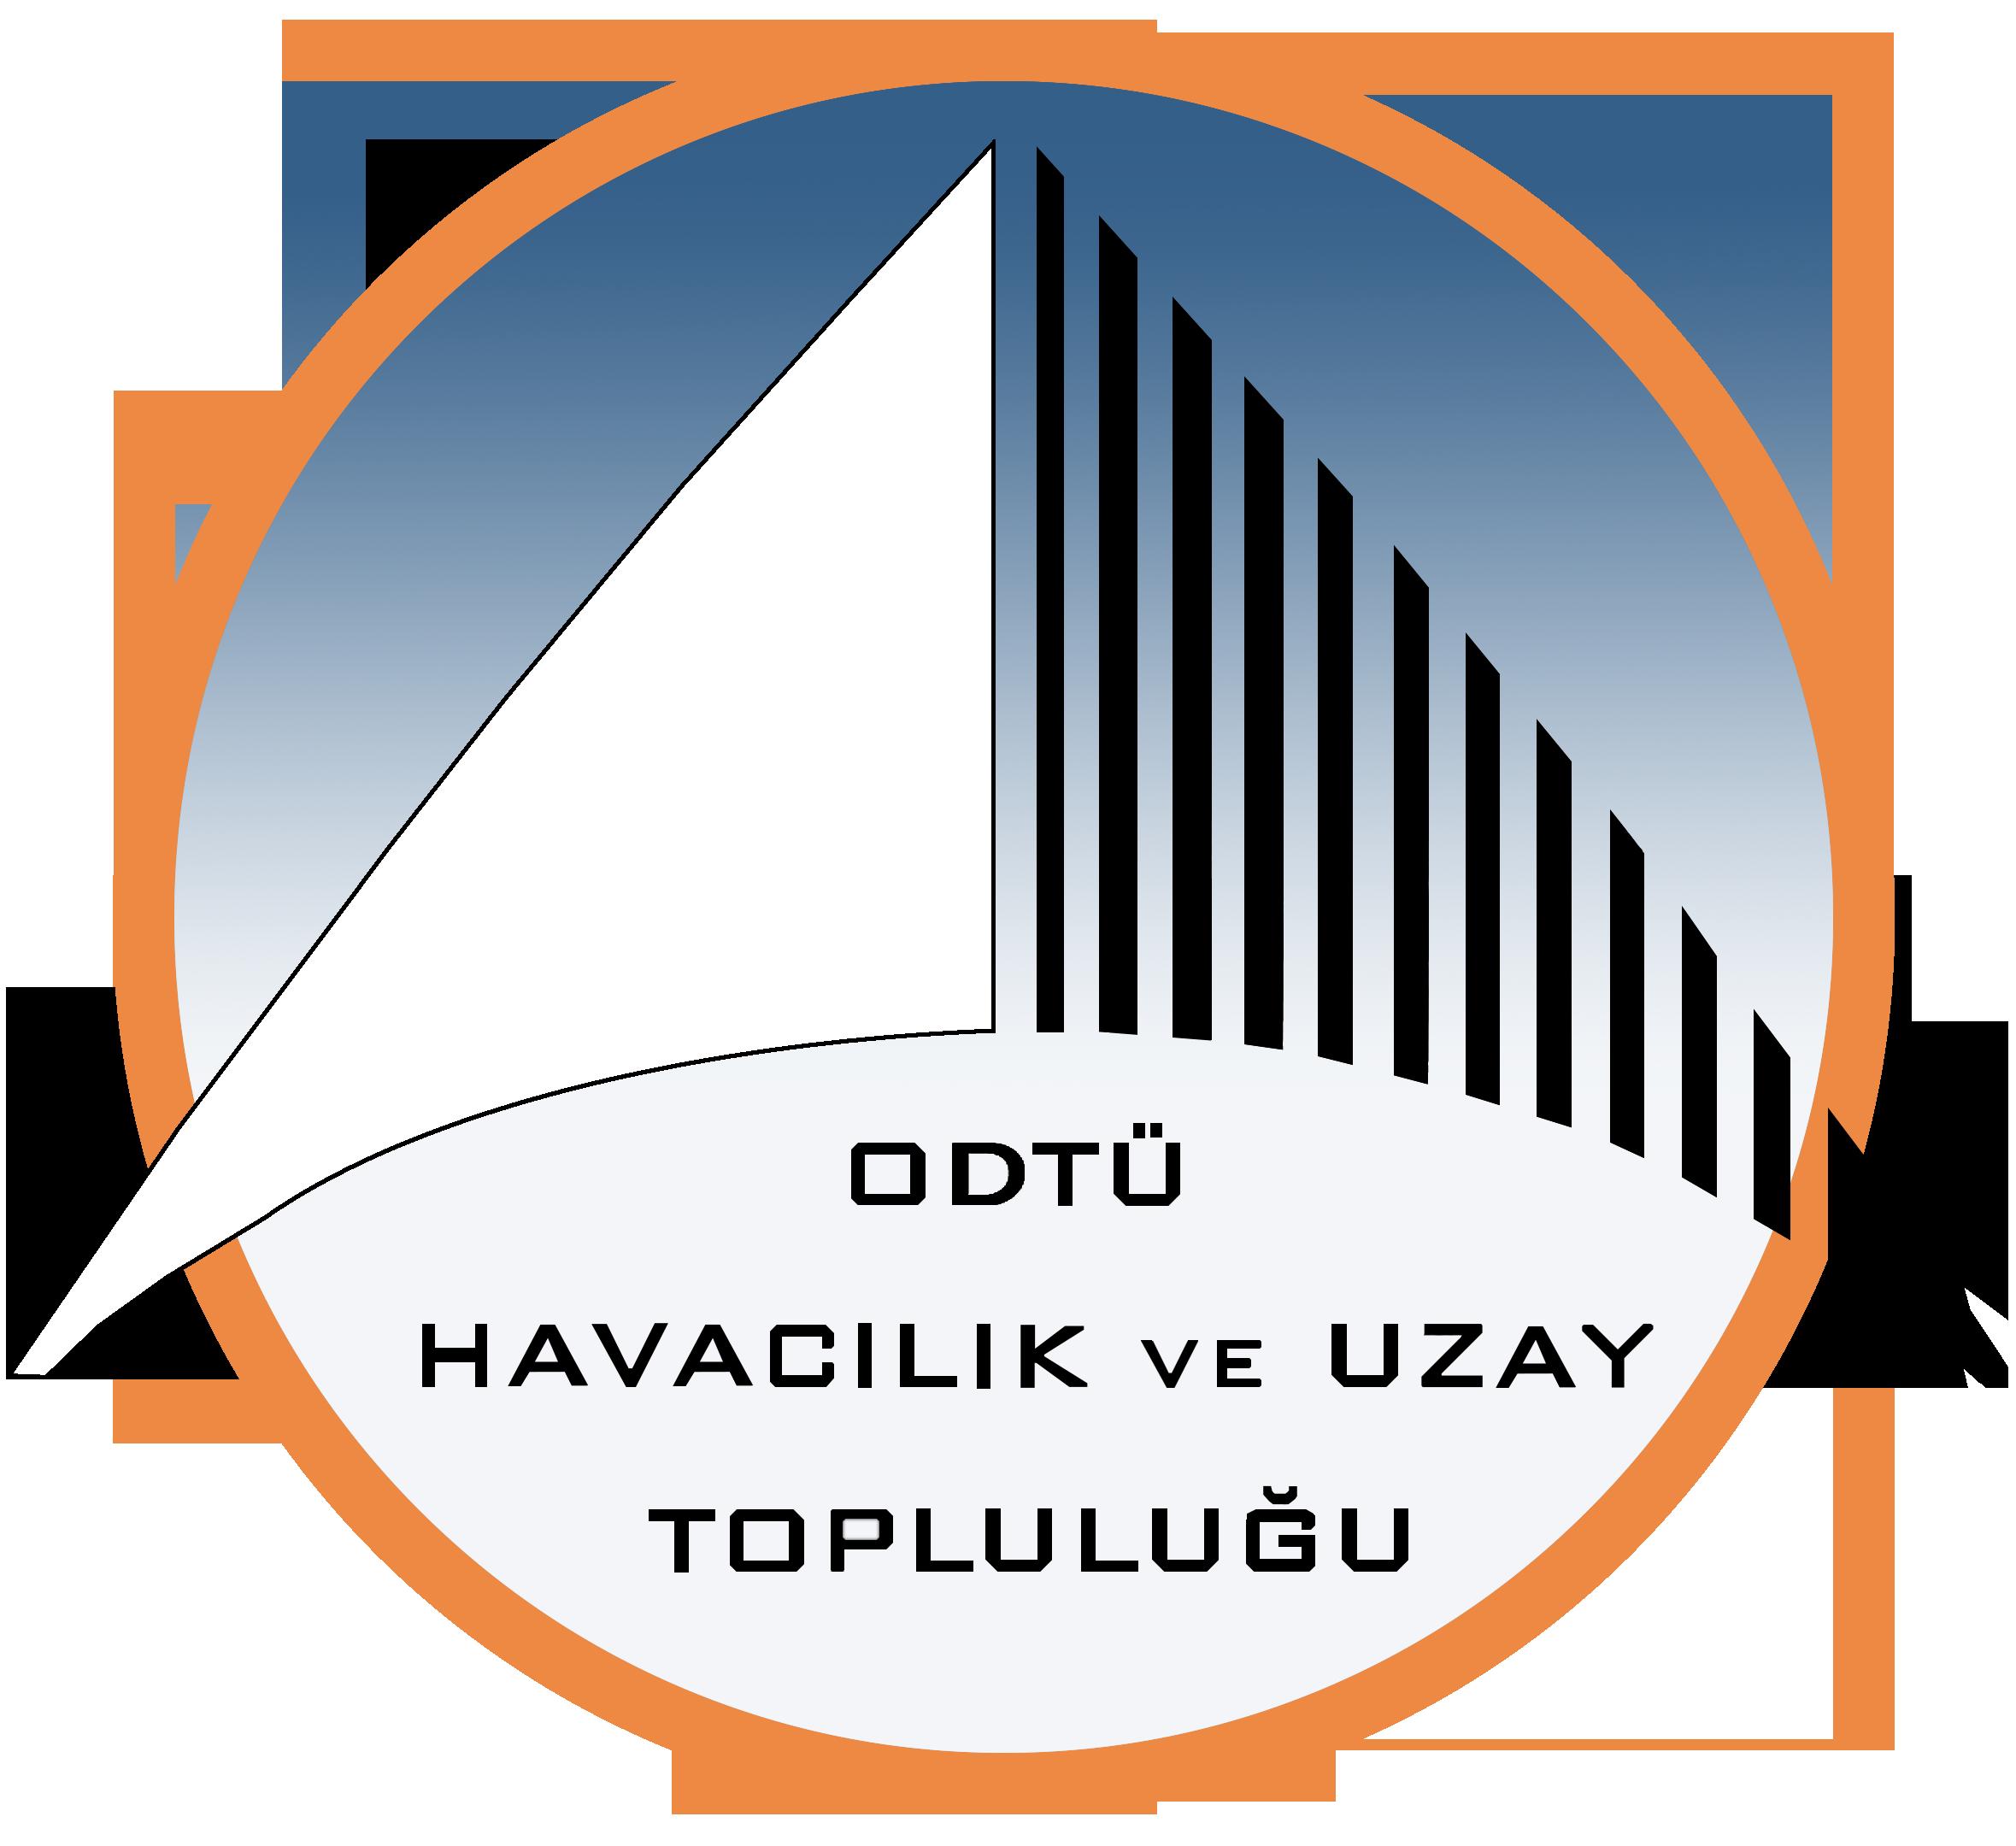 ODTÜ Havacılık ve Uzay Topluluğu